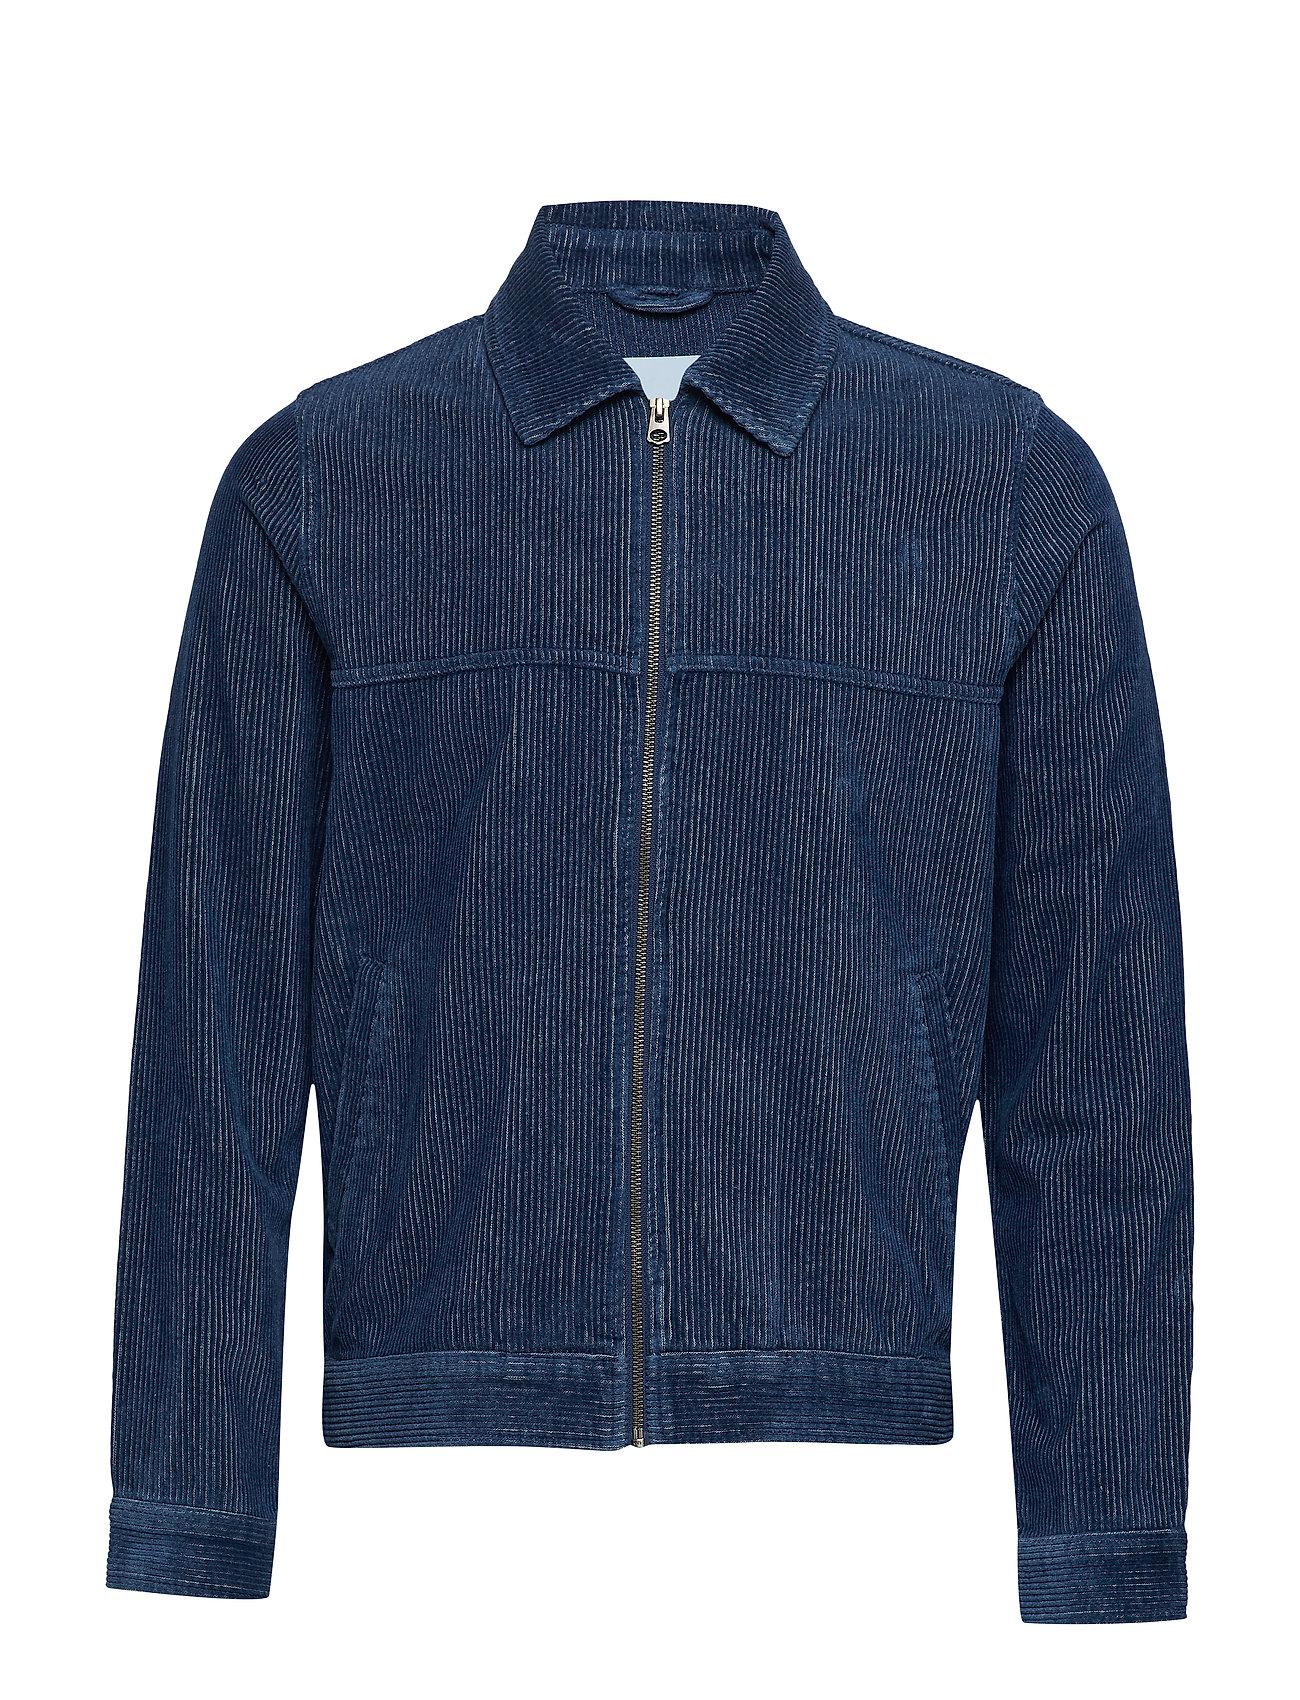 Samsøe & Samsøe Gersten jacket 10690 - INDIGO